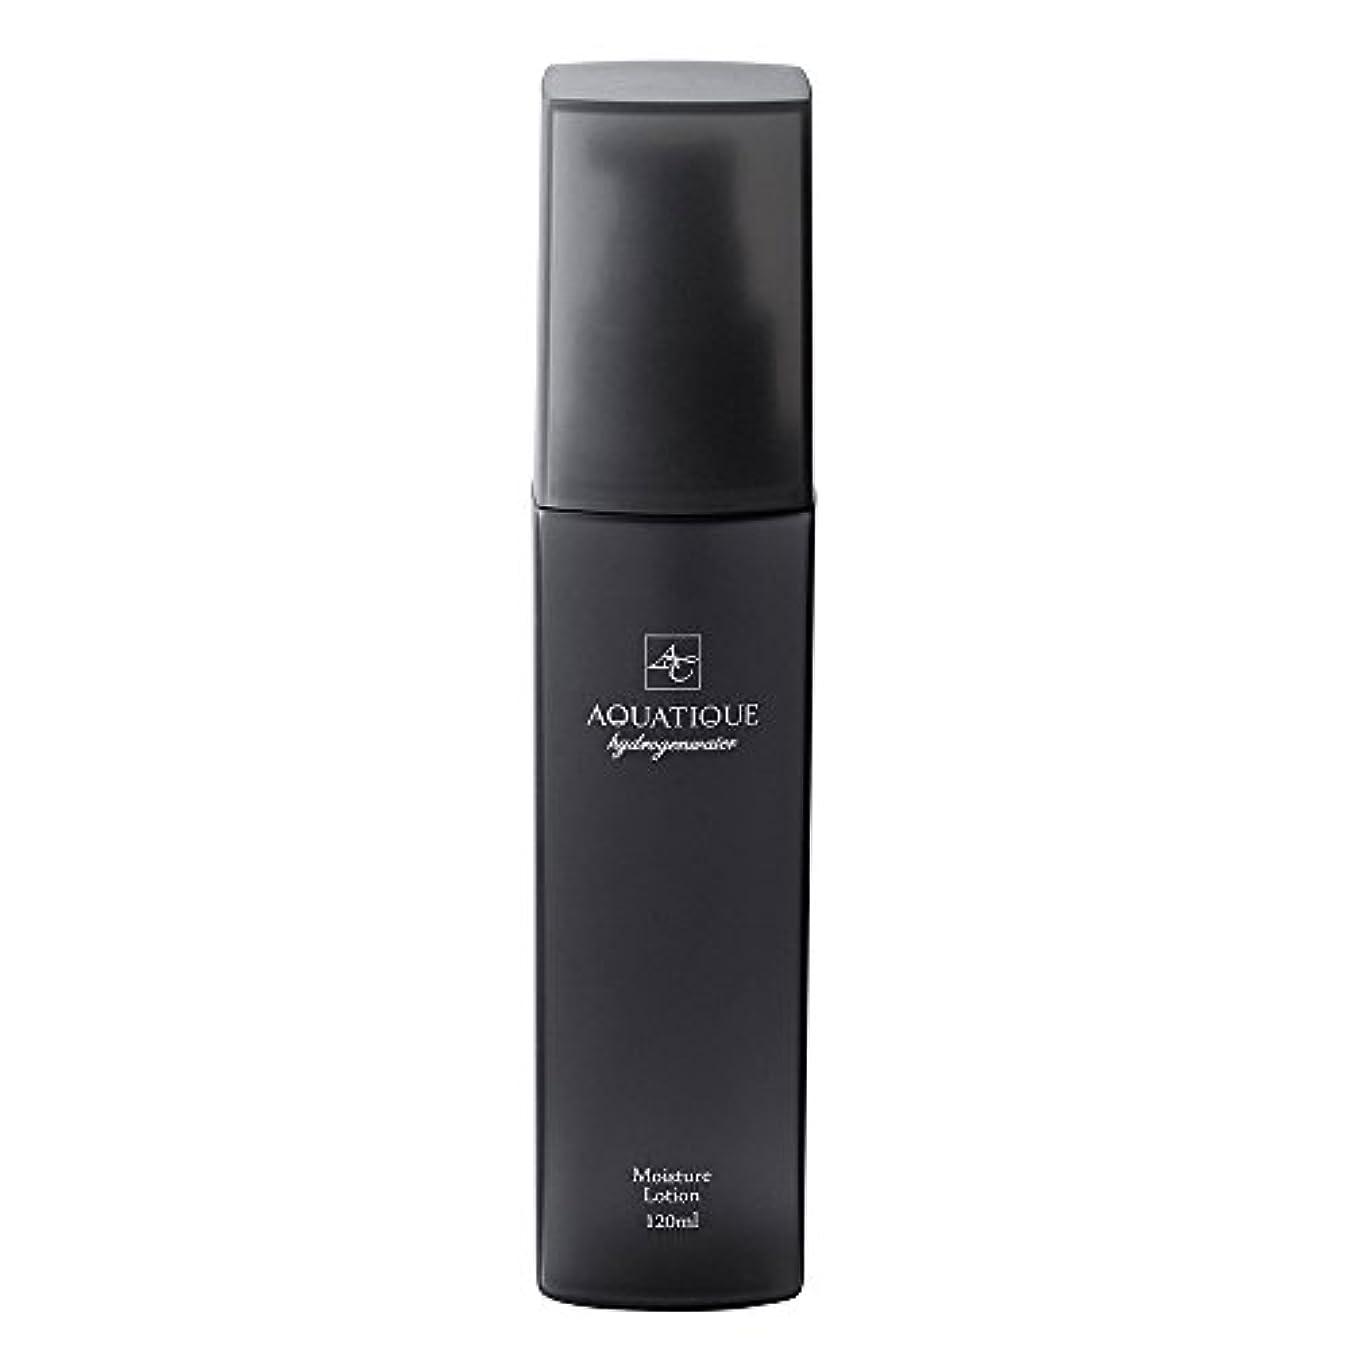 盲目ホイットニー渇き水素化粧水 アクアティーク モイスチャーローション 120ml (化粧水)